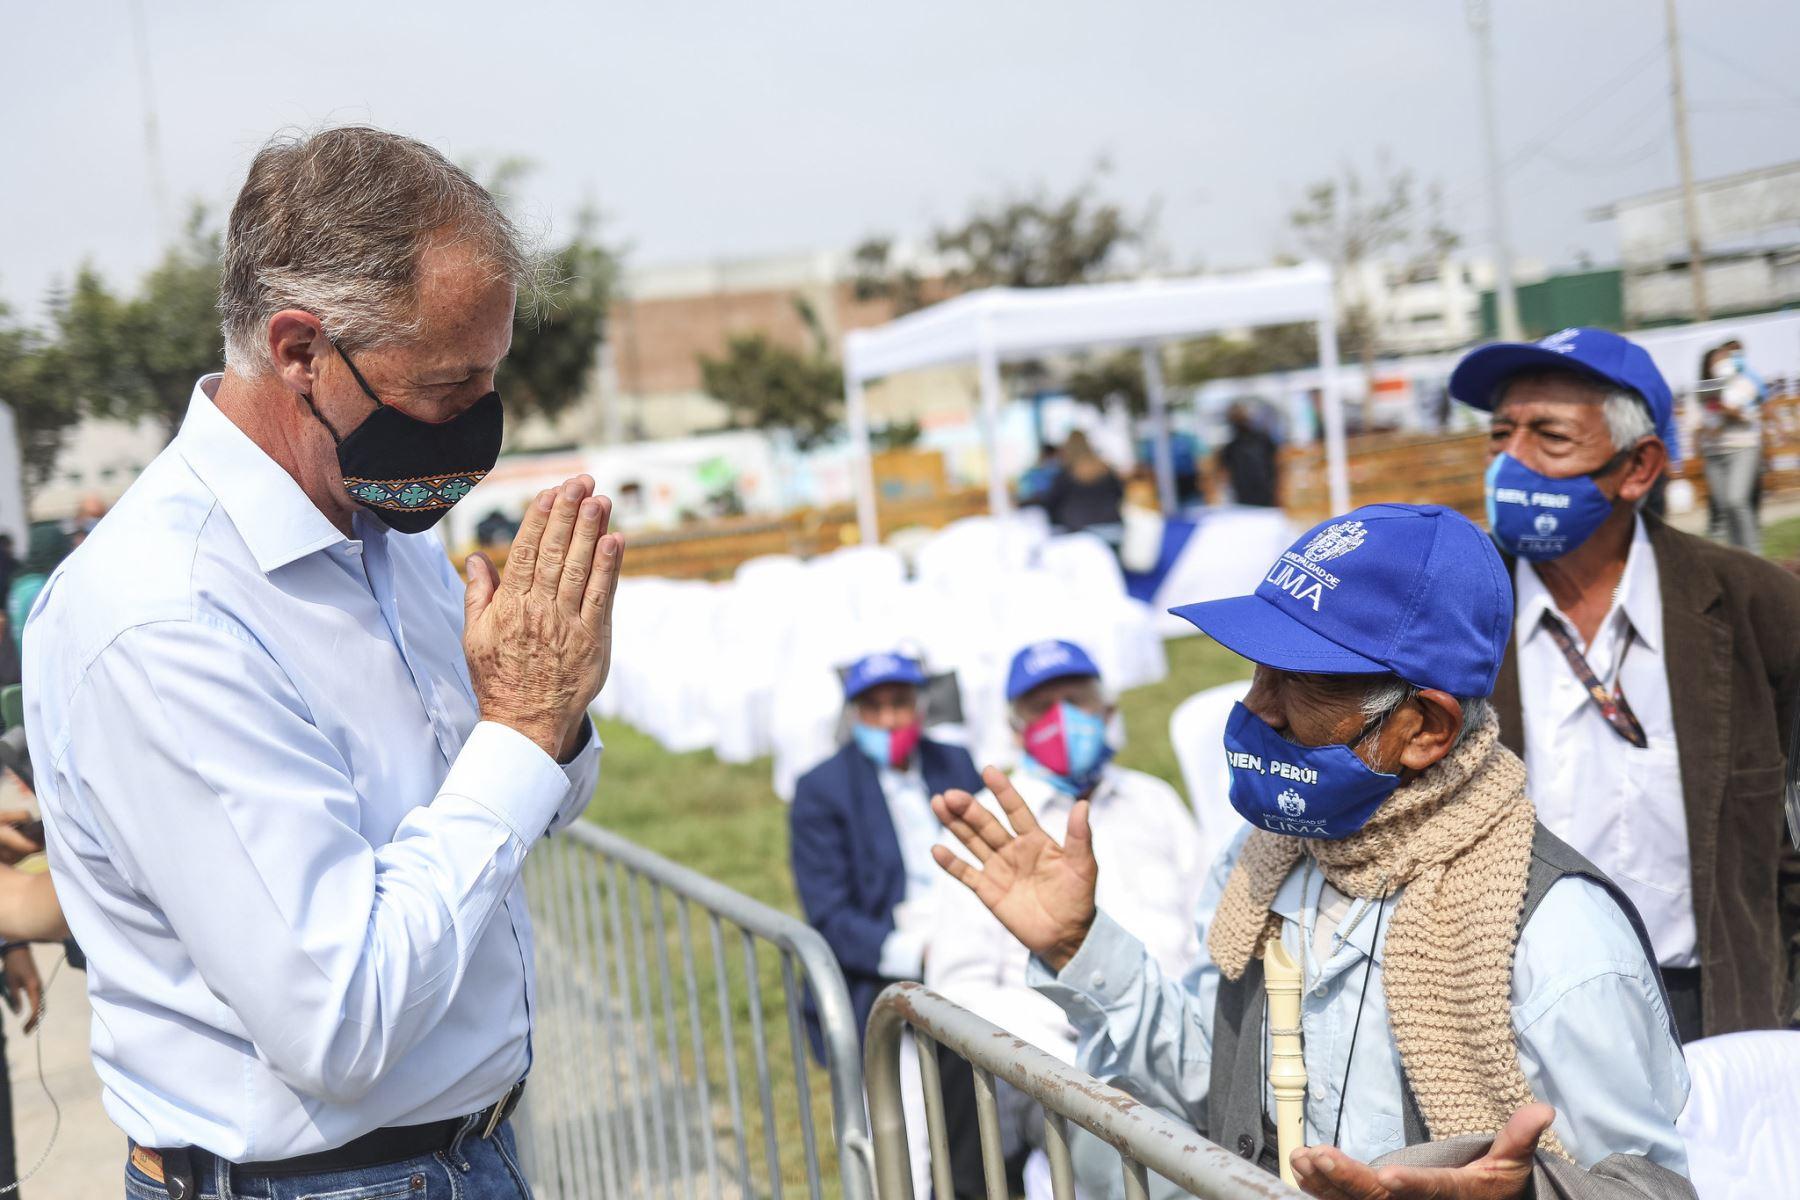 El alcalde de Lima, Jorge Miñoz, presentó las obras viales que entregará este 2021, y el balance de sus gestión 2020, por el 486 aniversario de Lima. ANDINA/Municipalidad de Lima